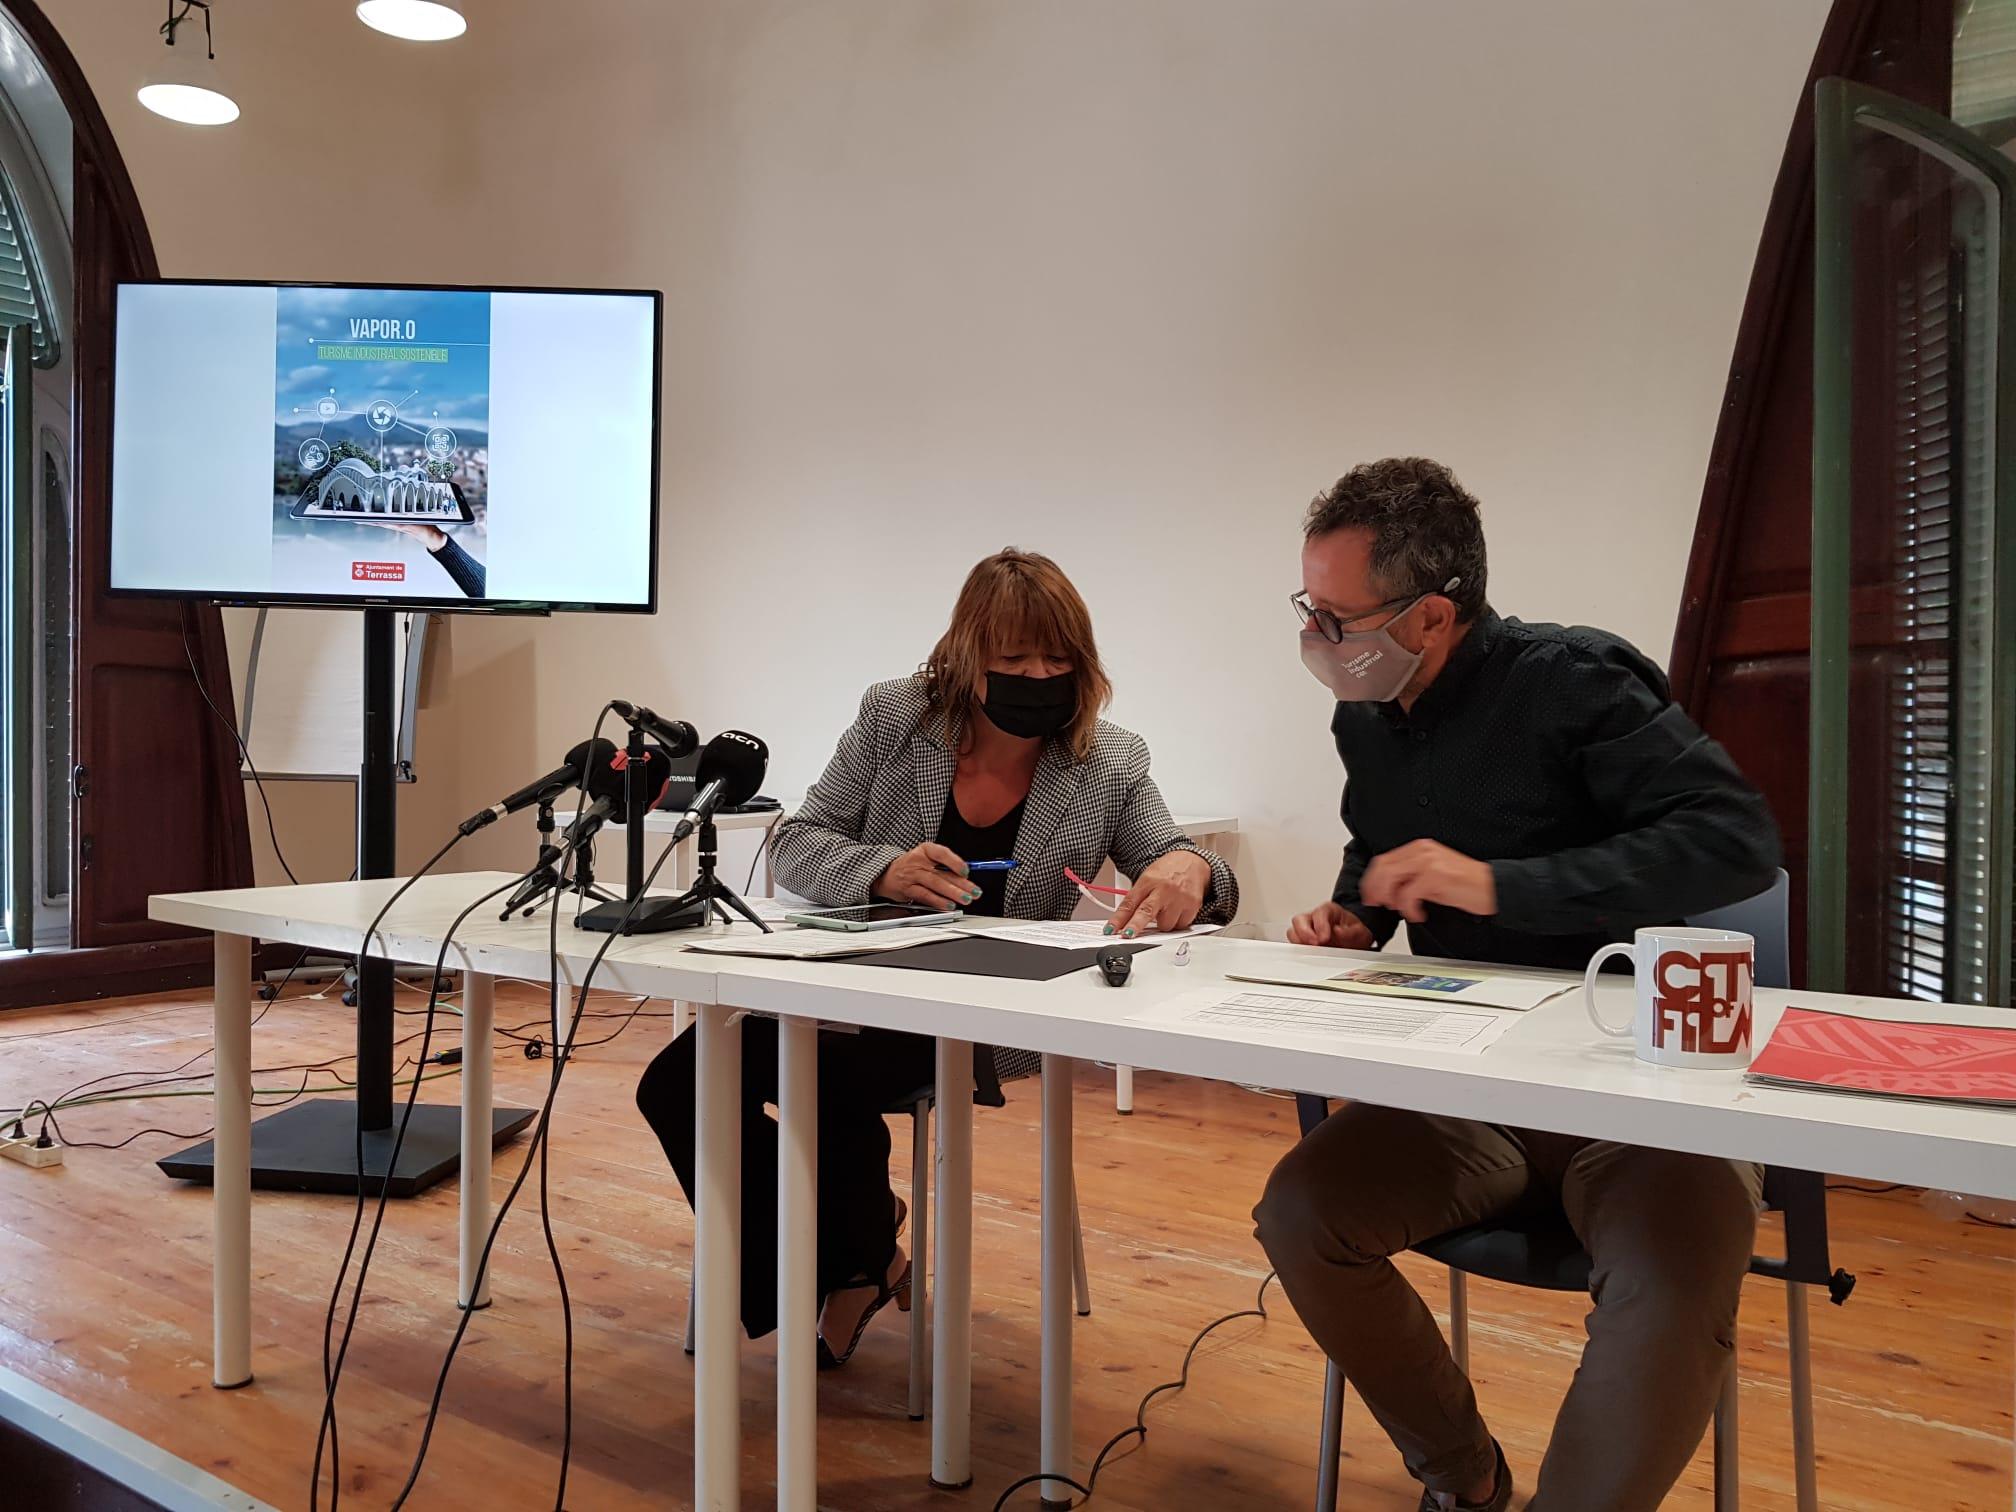 La tinenta d'alcalde Lluïsa Melgares amb el regidor Pep Forn | Aj. Terrassa